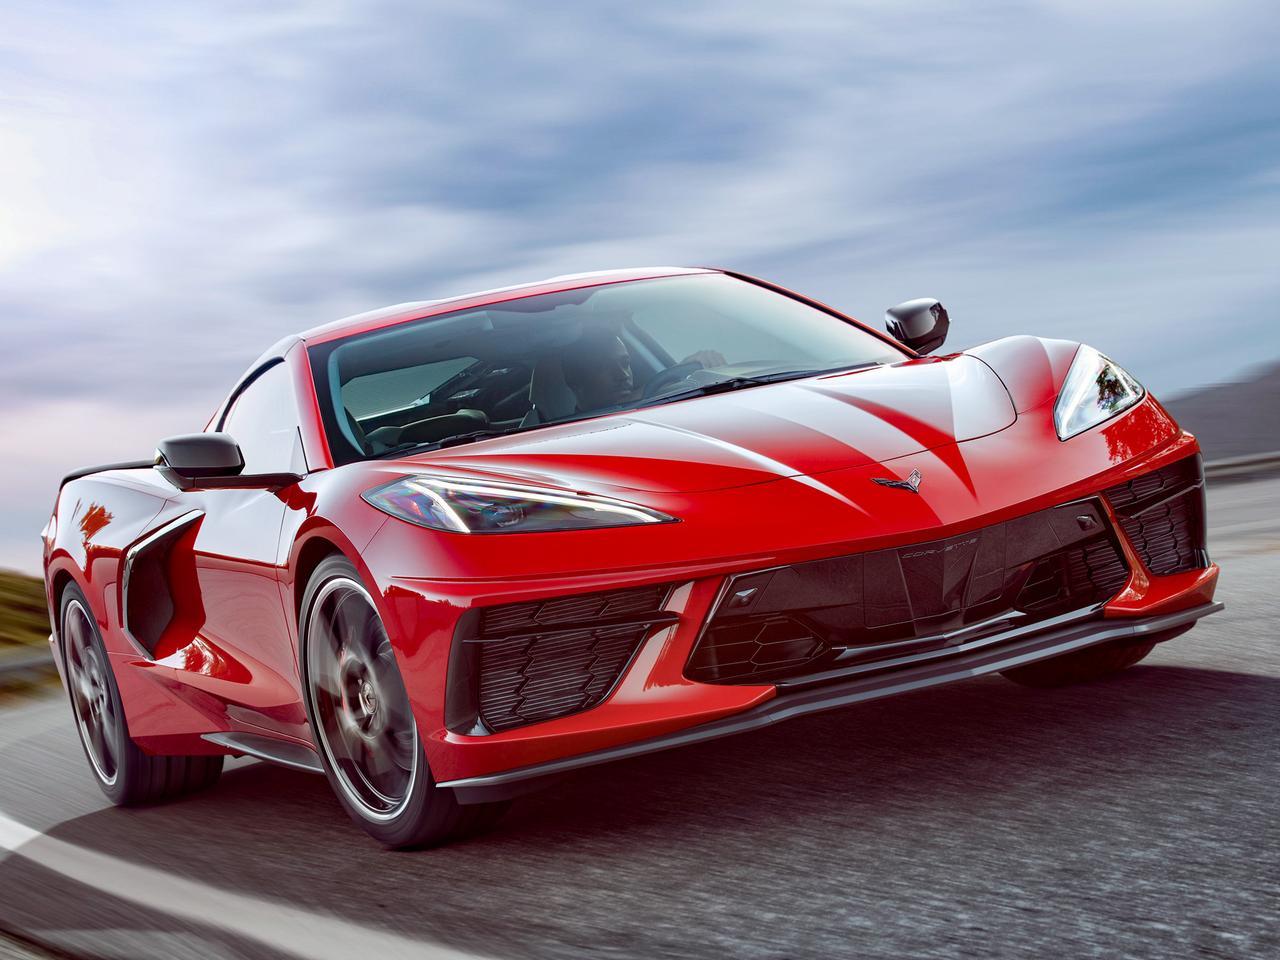 シボレー コルベット 新型 新車カタログ - シボレー コルベットC8 スティングレー